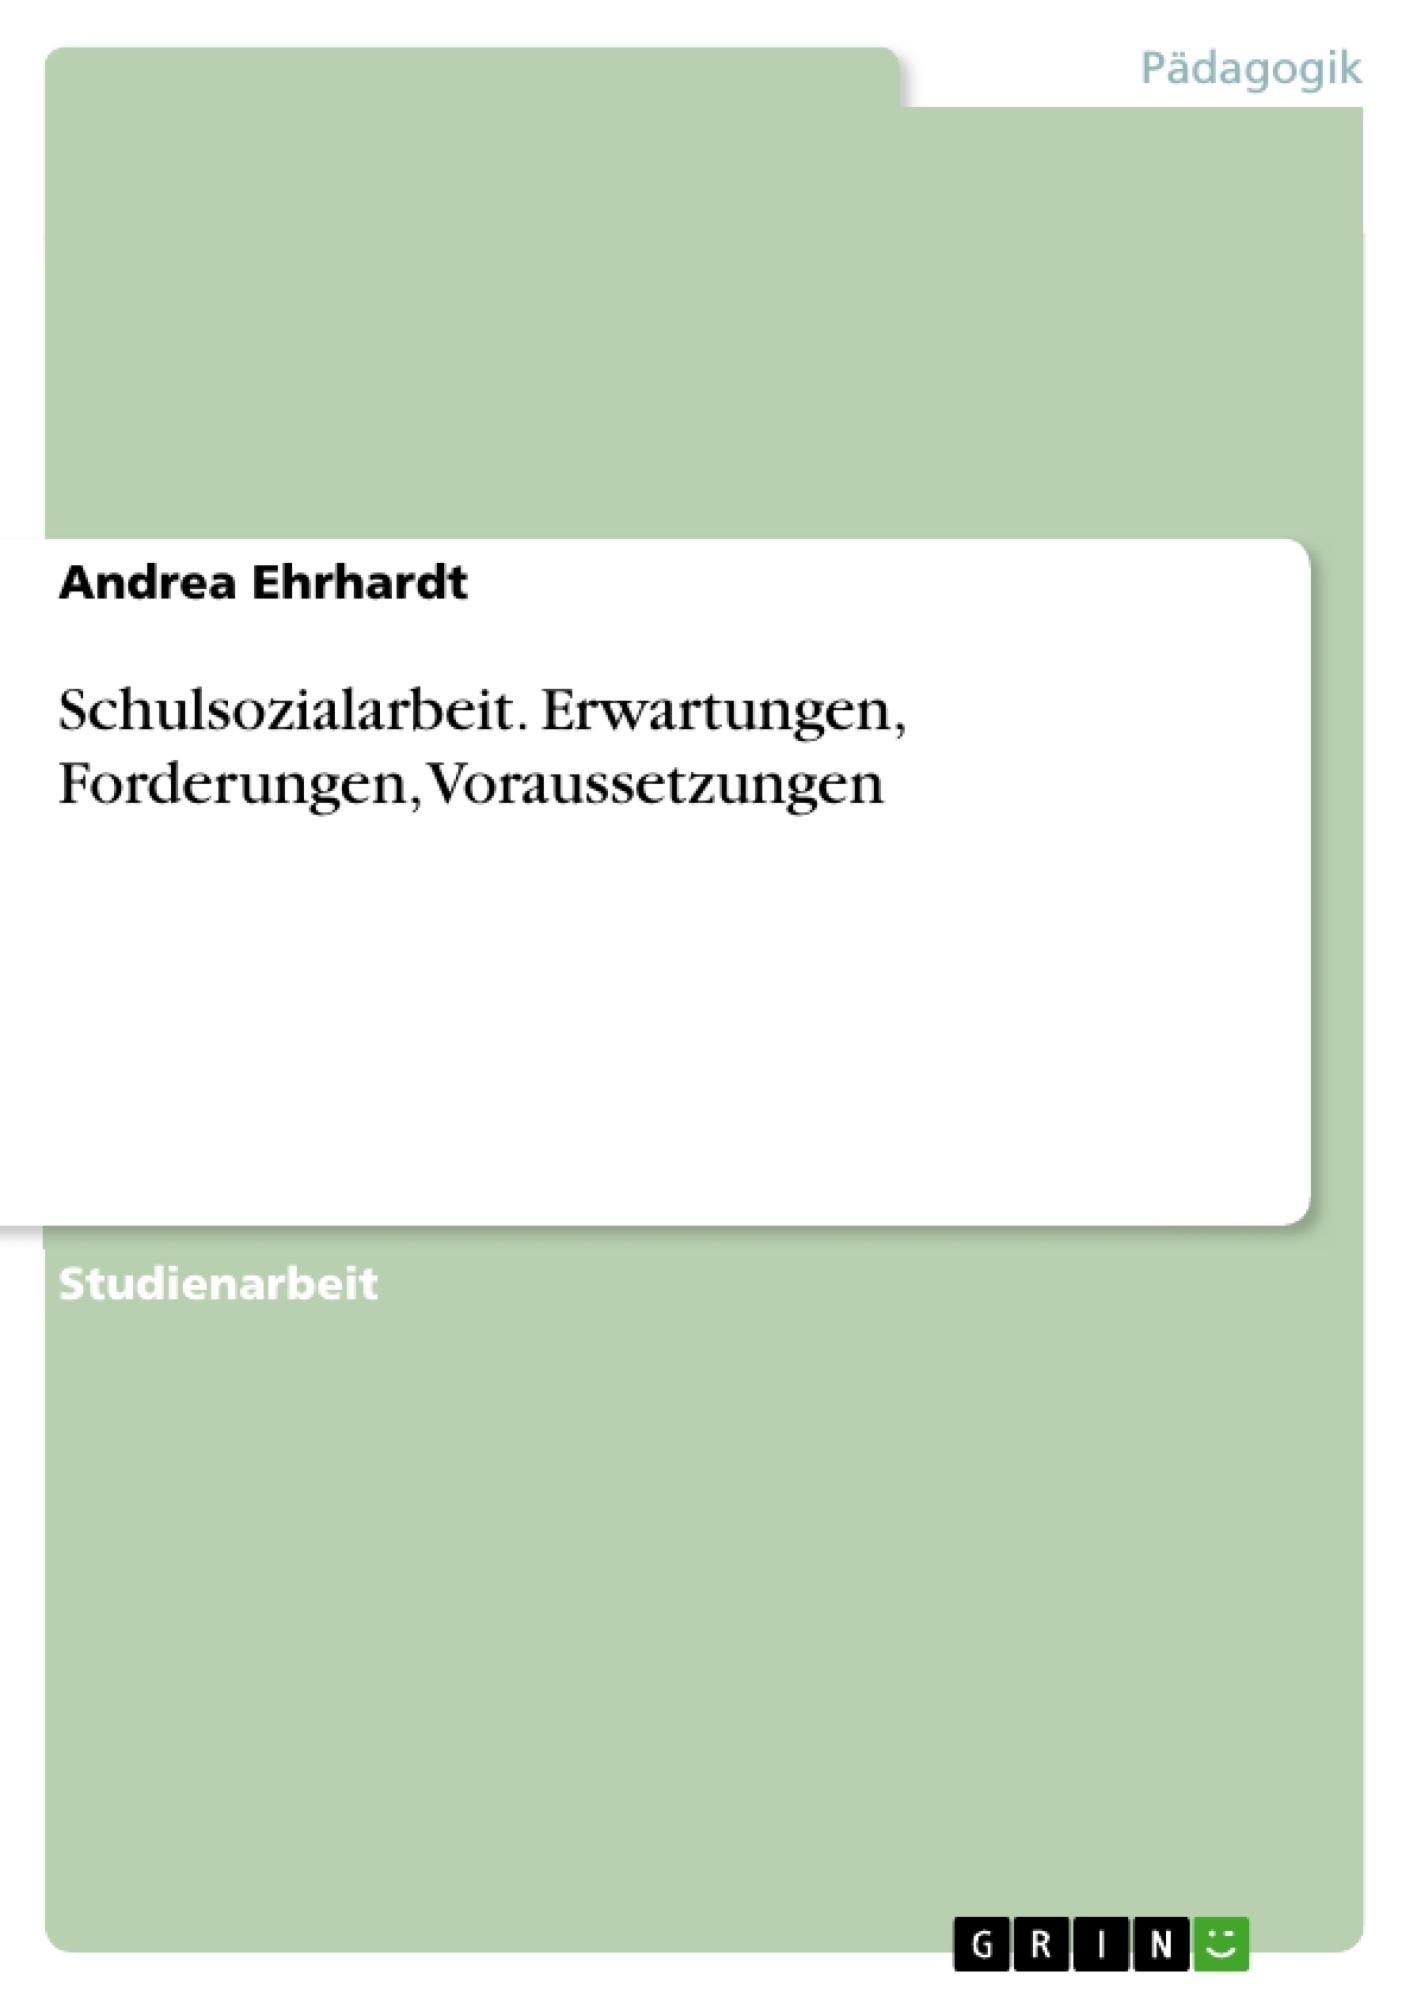 Titel: Schulsozialarbeit. Erwartungen, Forderungen, Voraussetzungen